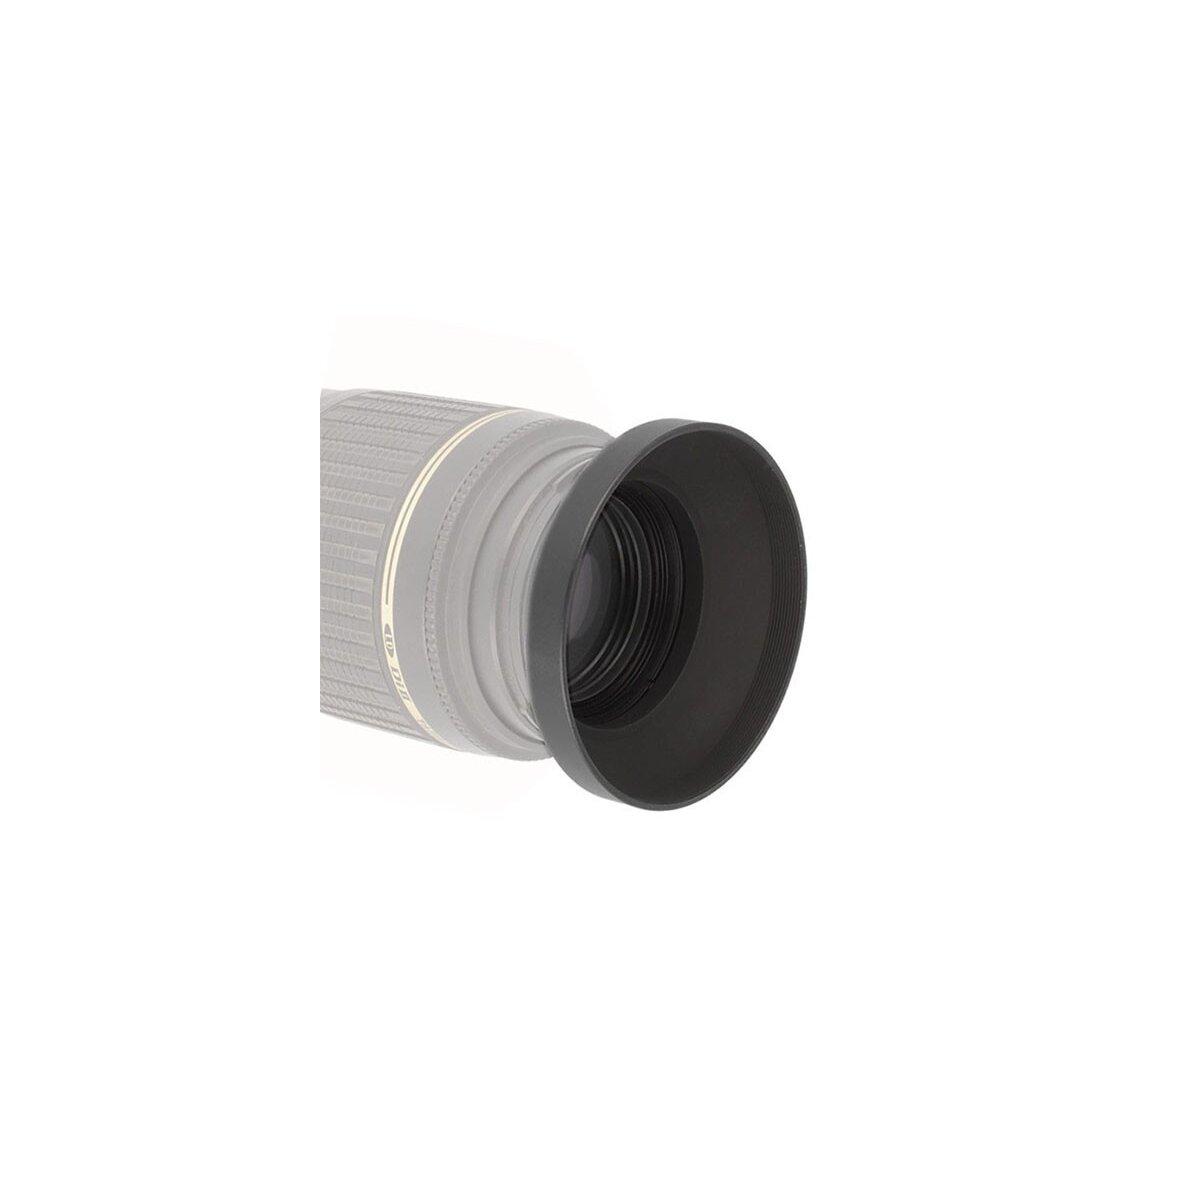 Weitwinkel Sonnenblende / Gegenlichtblende 72mm - Aluminium